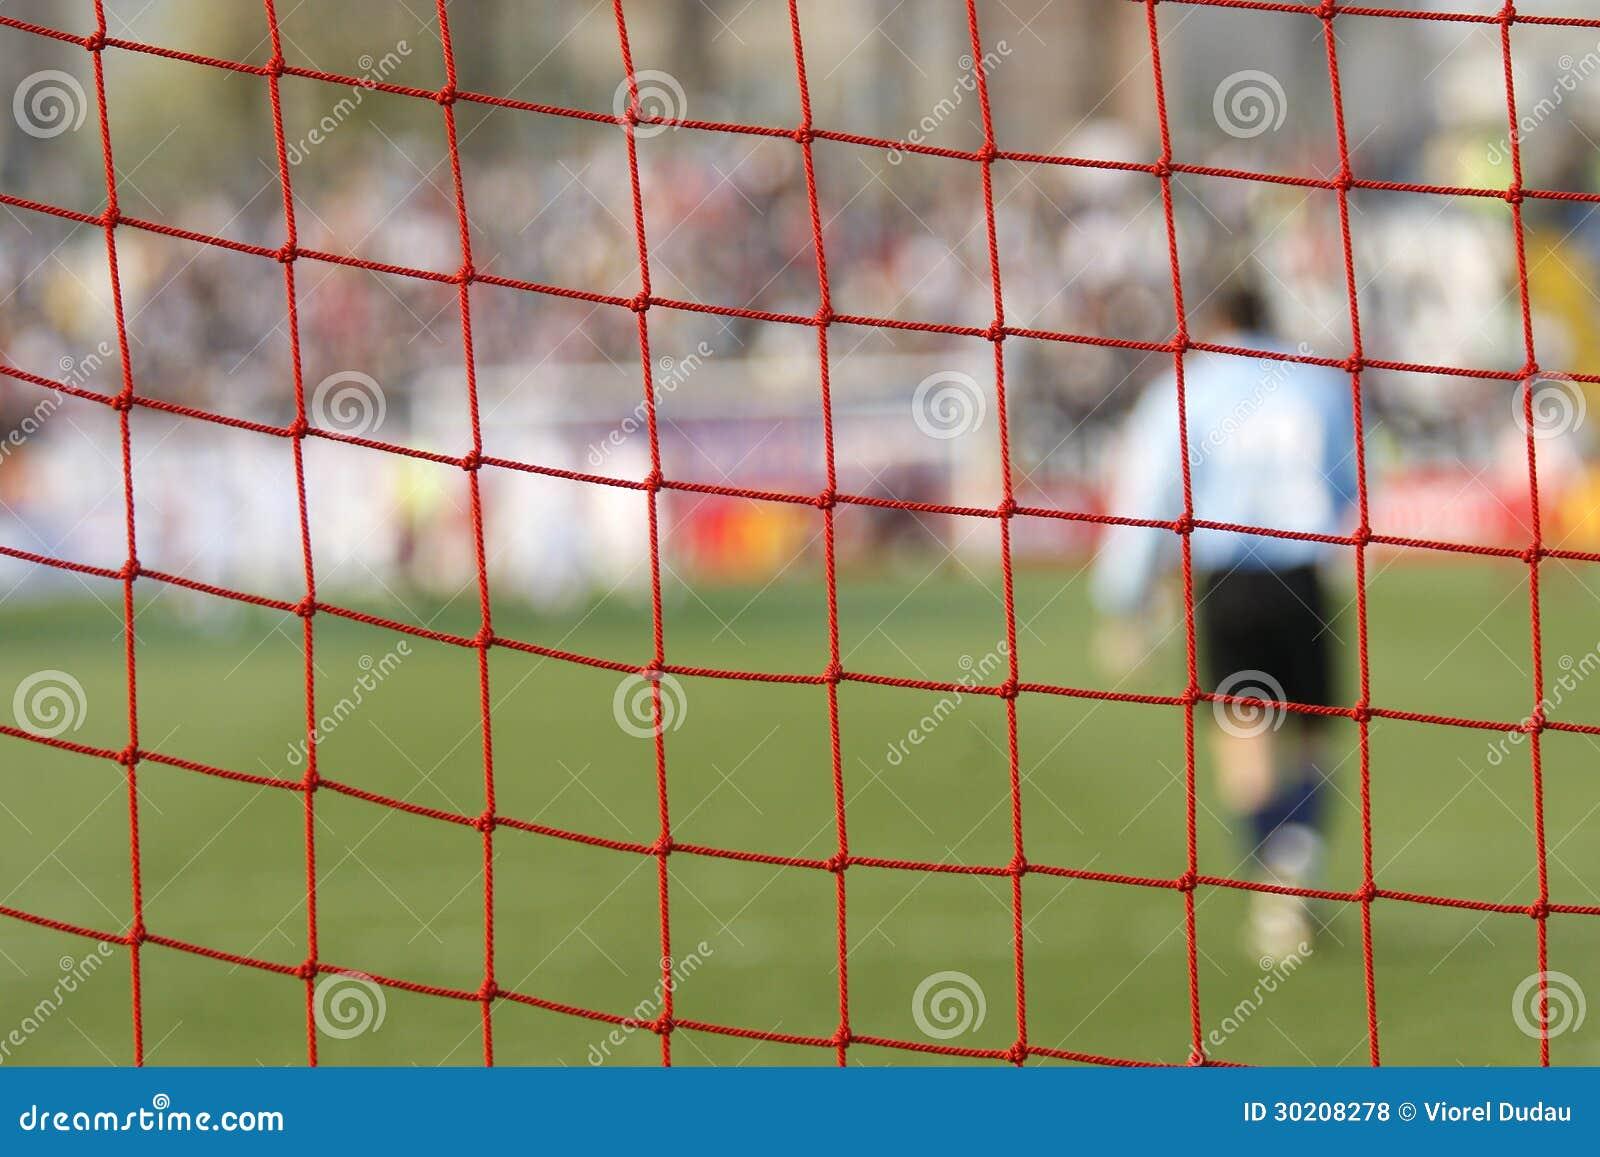 橄榄球足球目标网